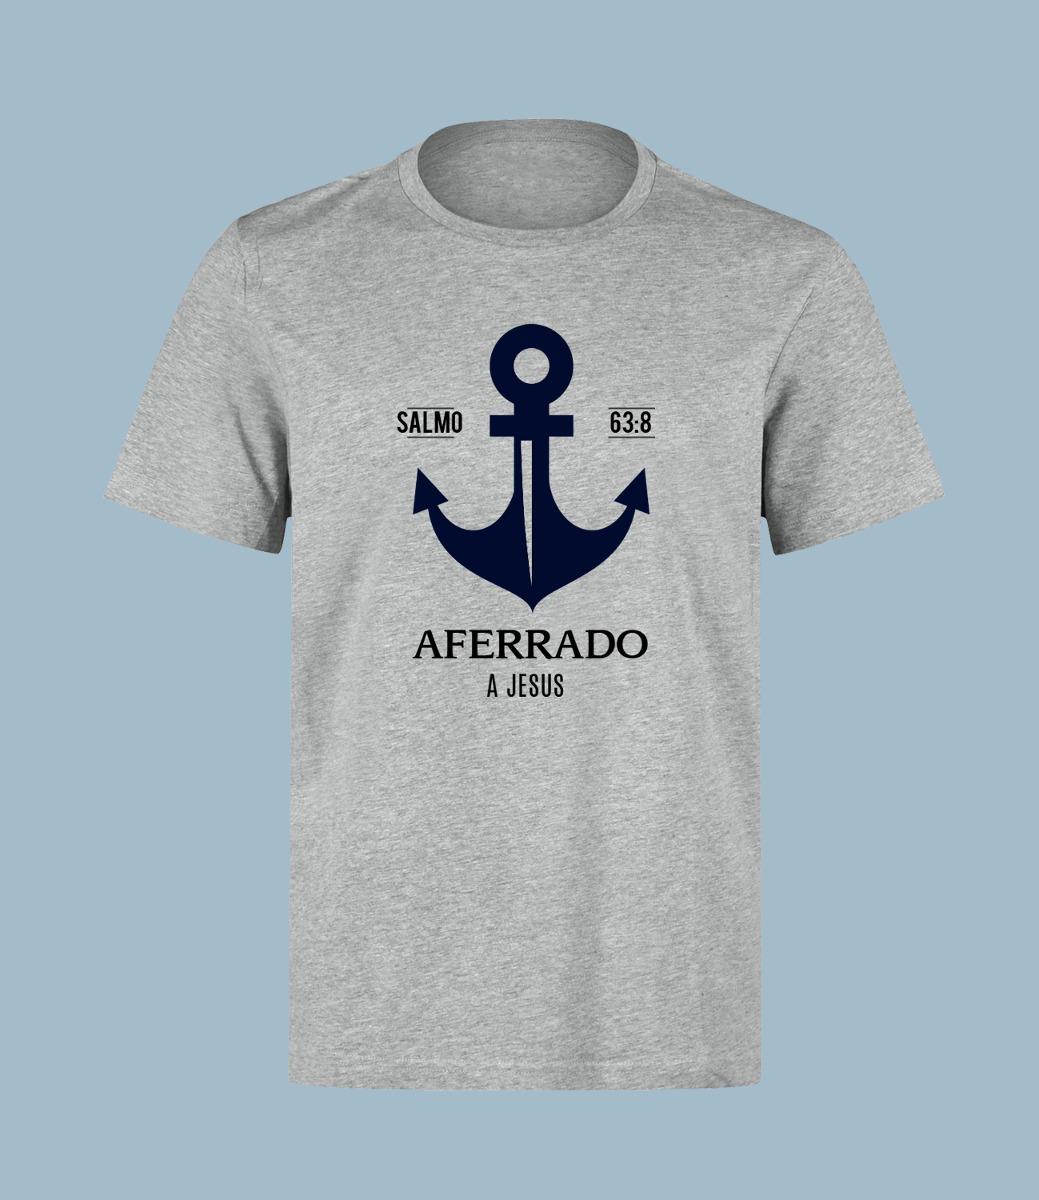 Camisetas Cristianas Frases Evangélicas Personalizadas